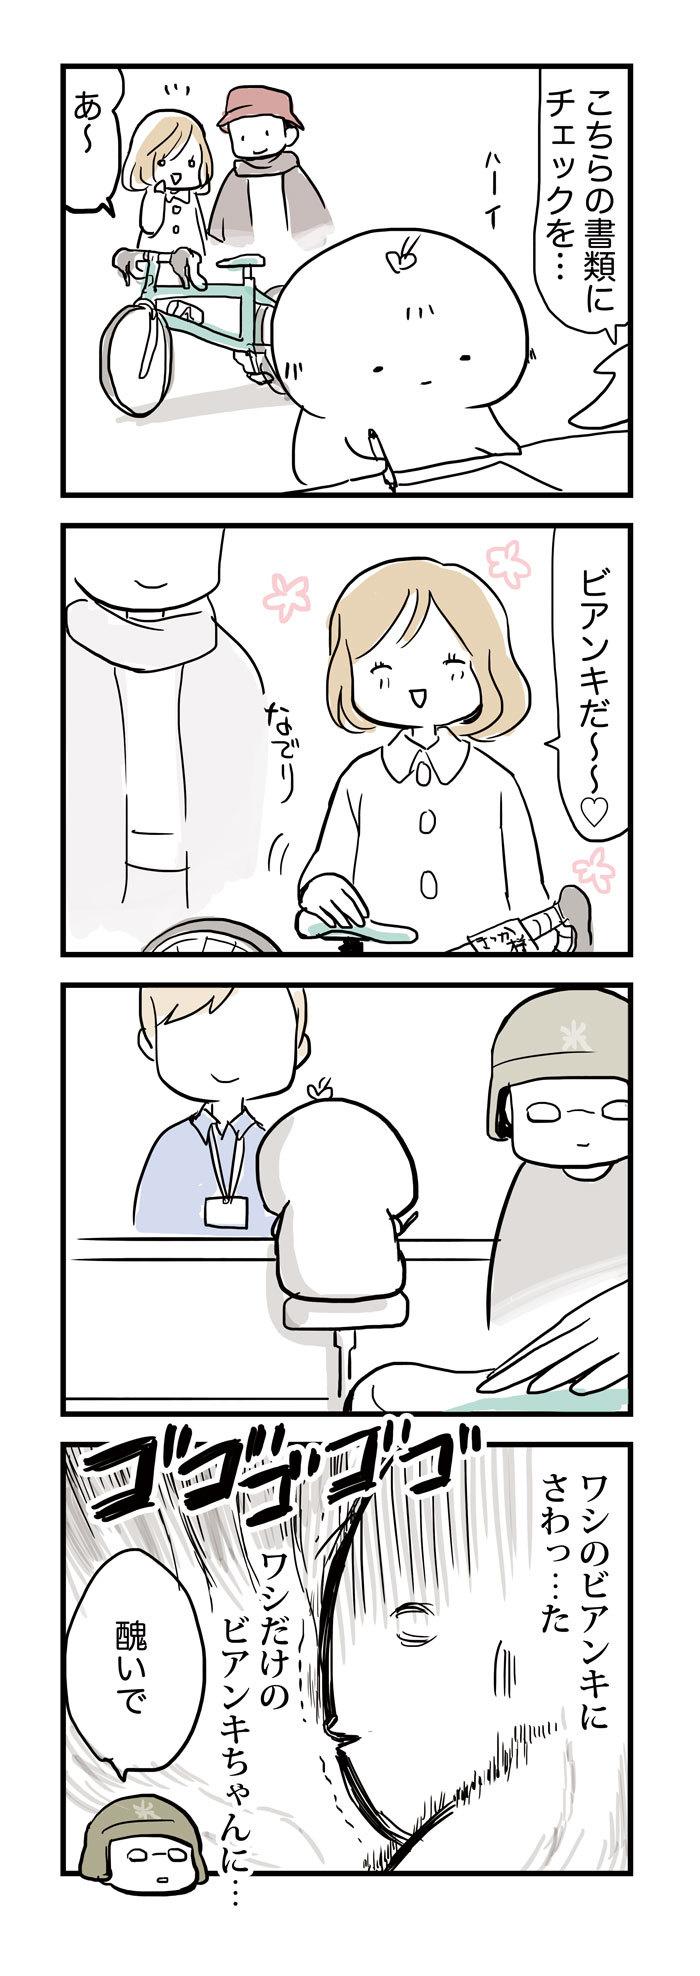 25_2 嫉妬